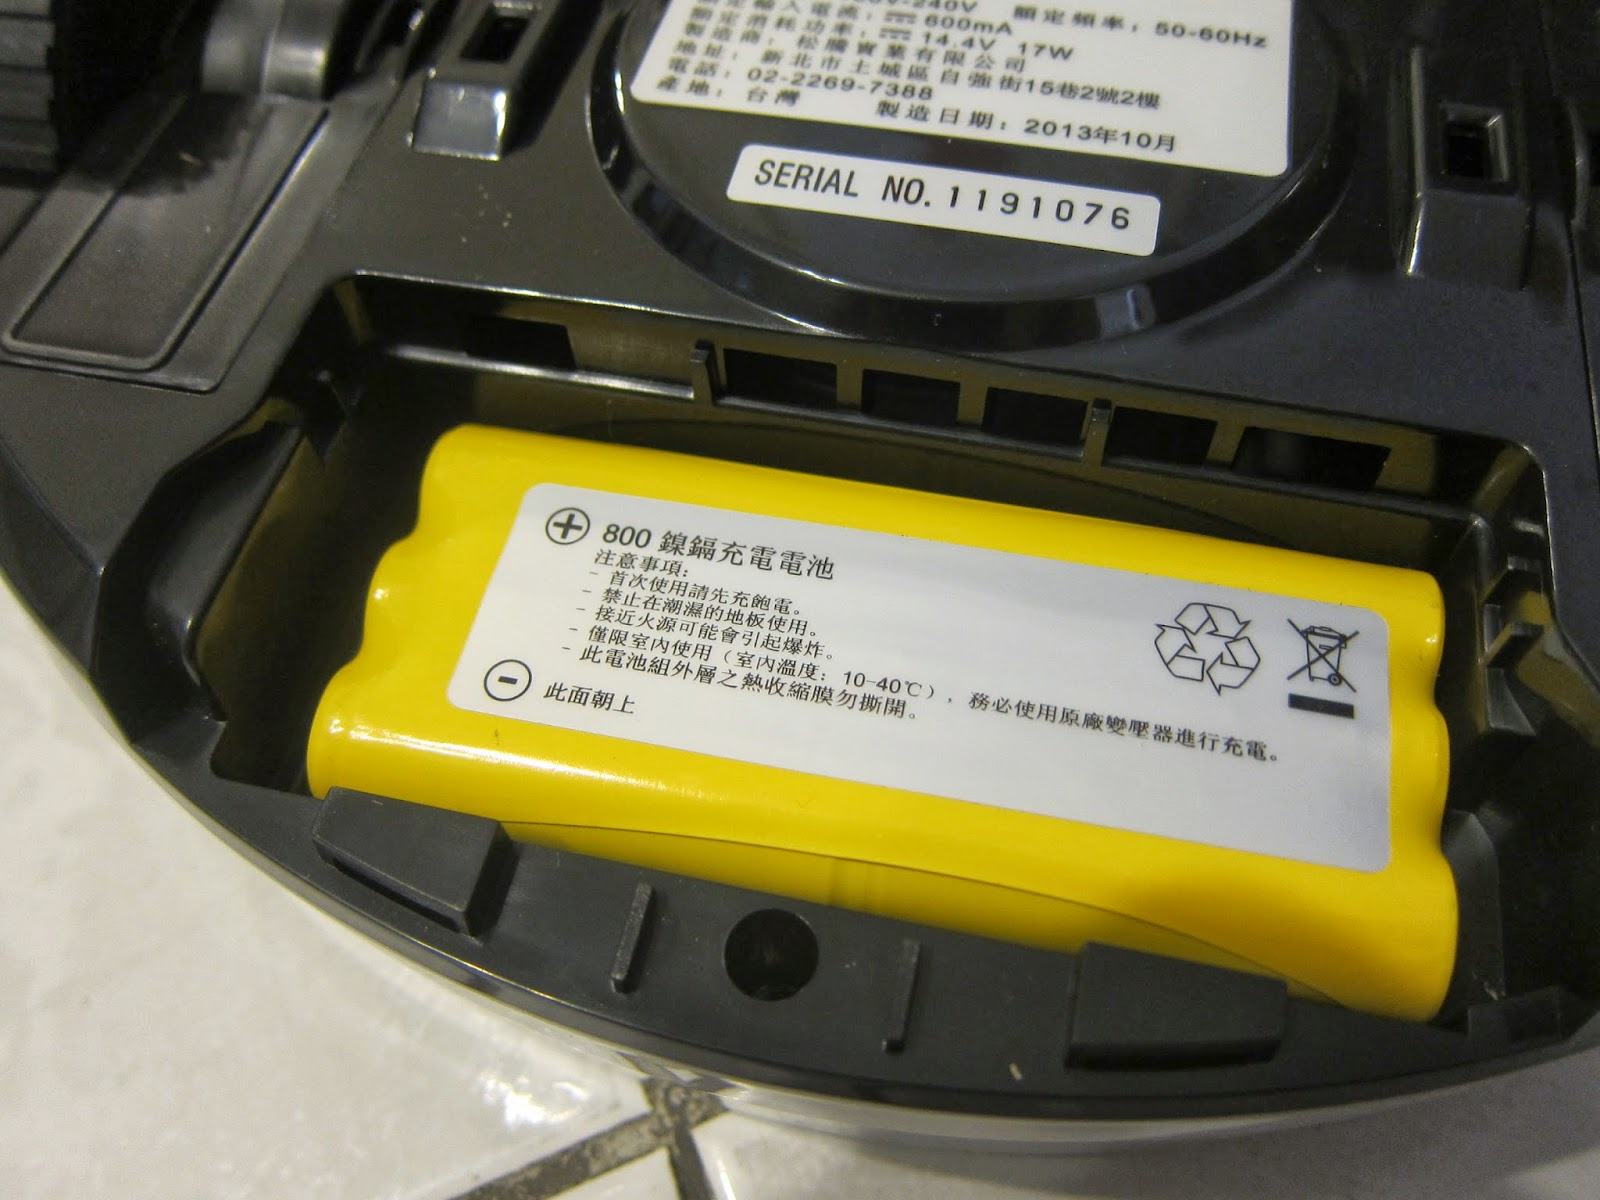 IMG 2258 - [開箱] V-BOT M270 迷你智慧型掃地機器人